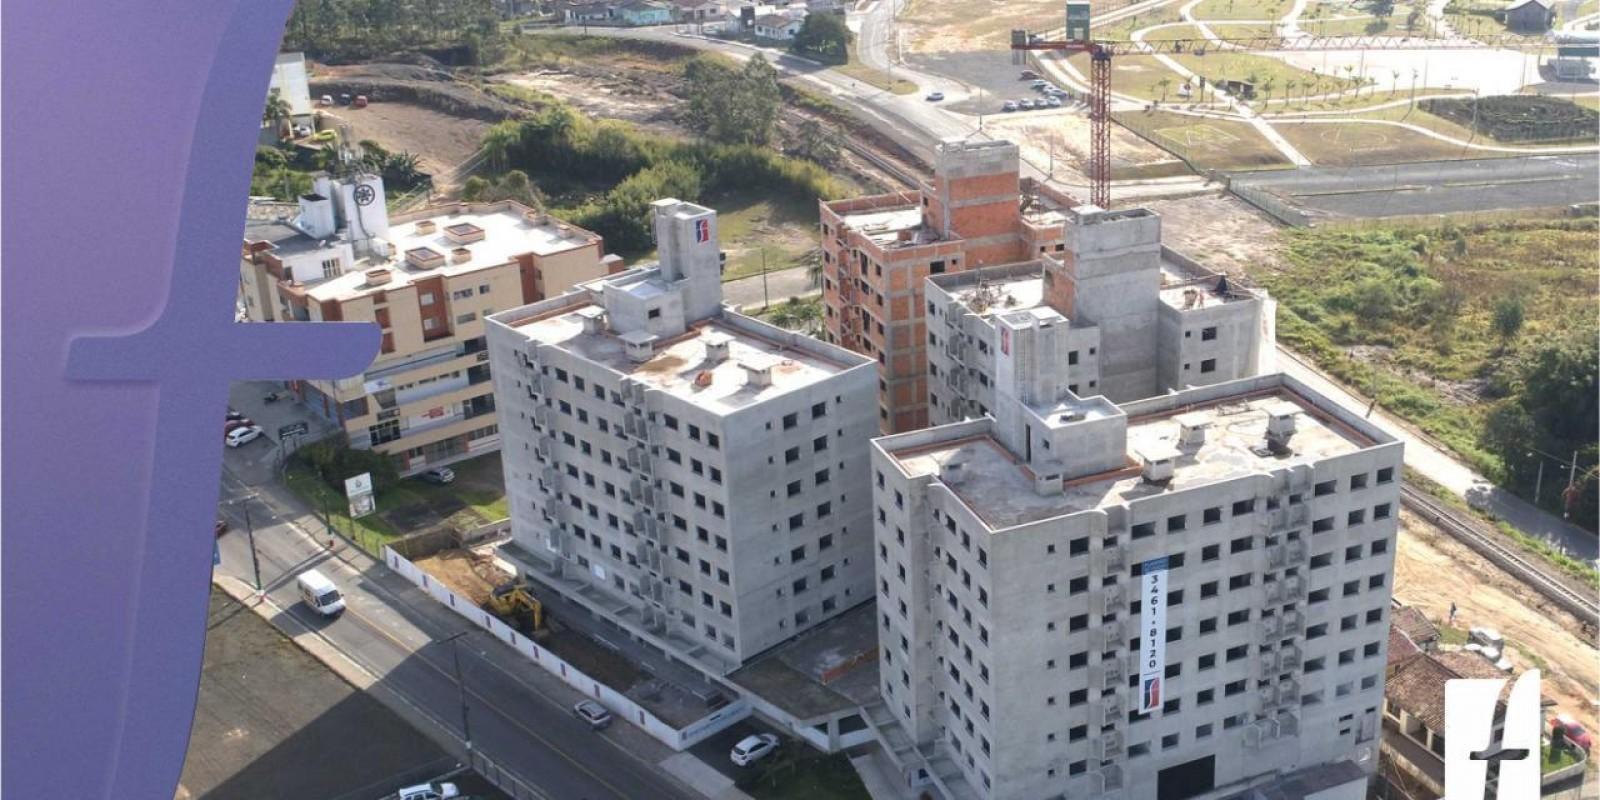 RESIDENCIAL PAVIA - Foto 1 de 9